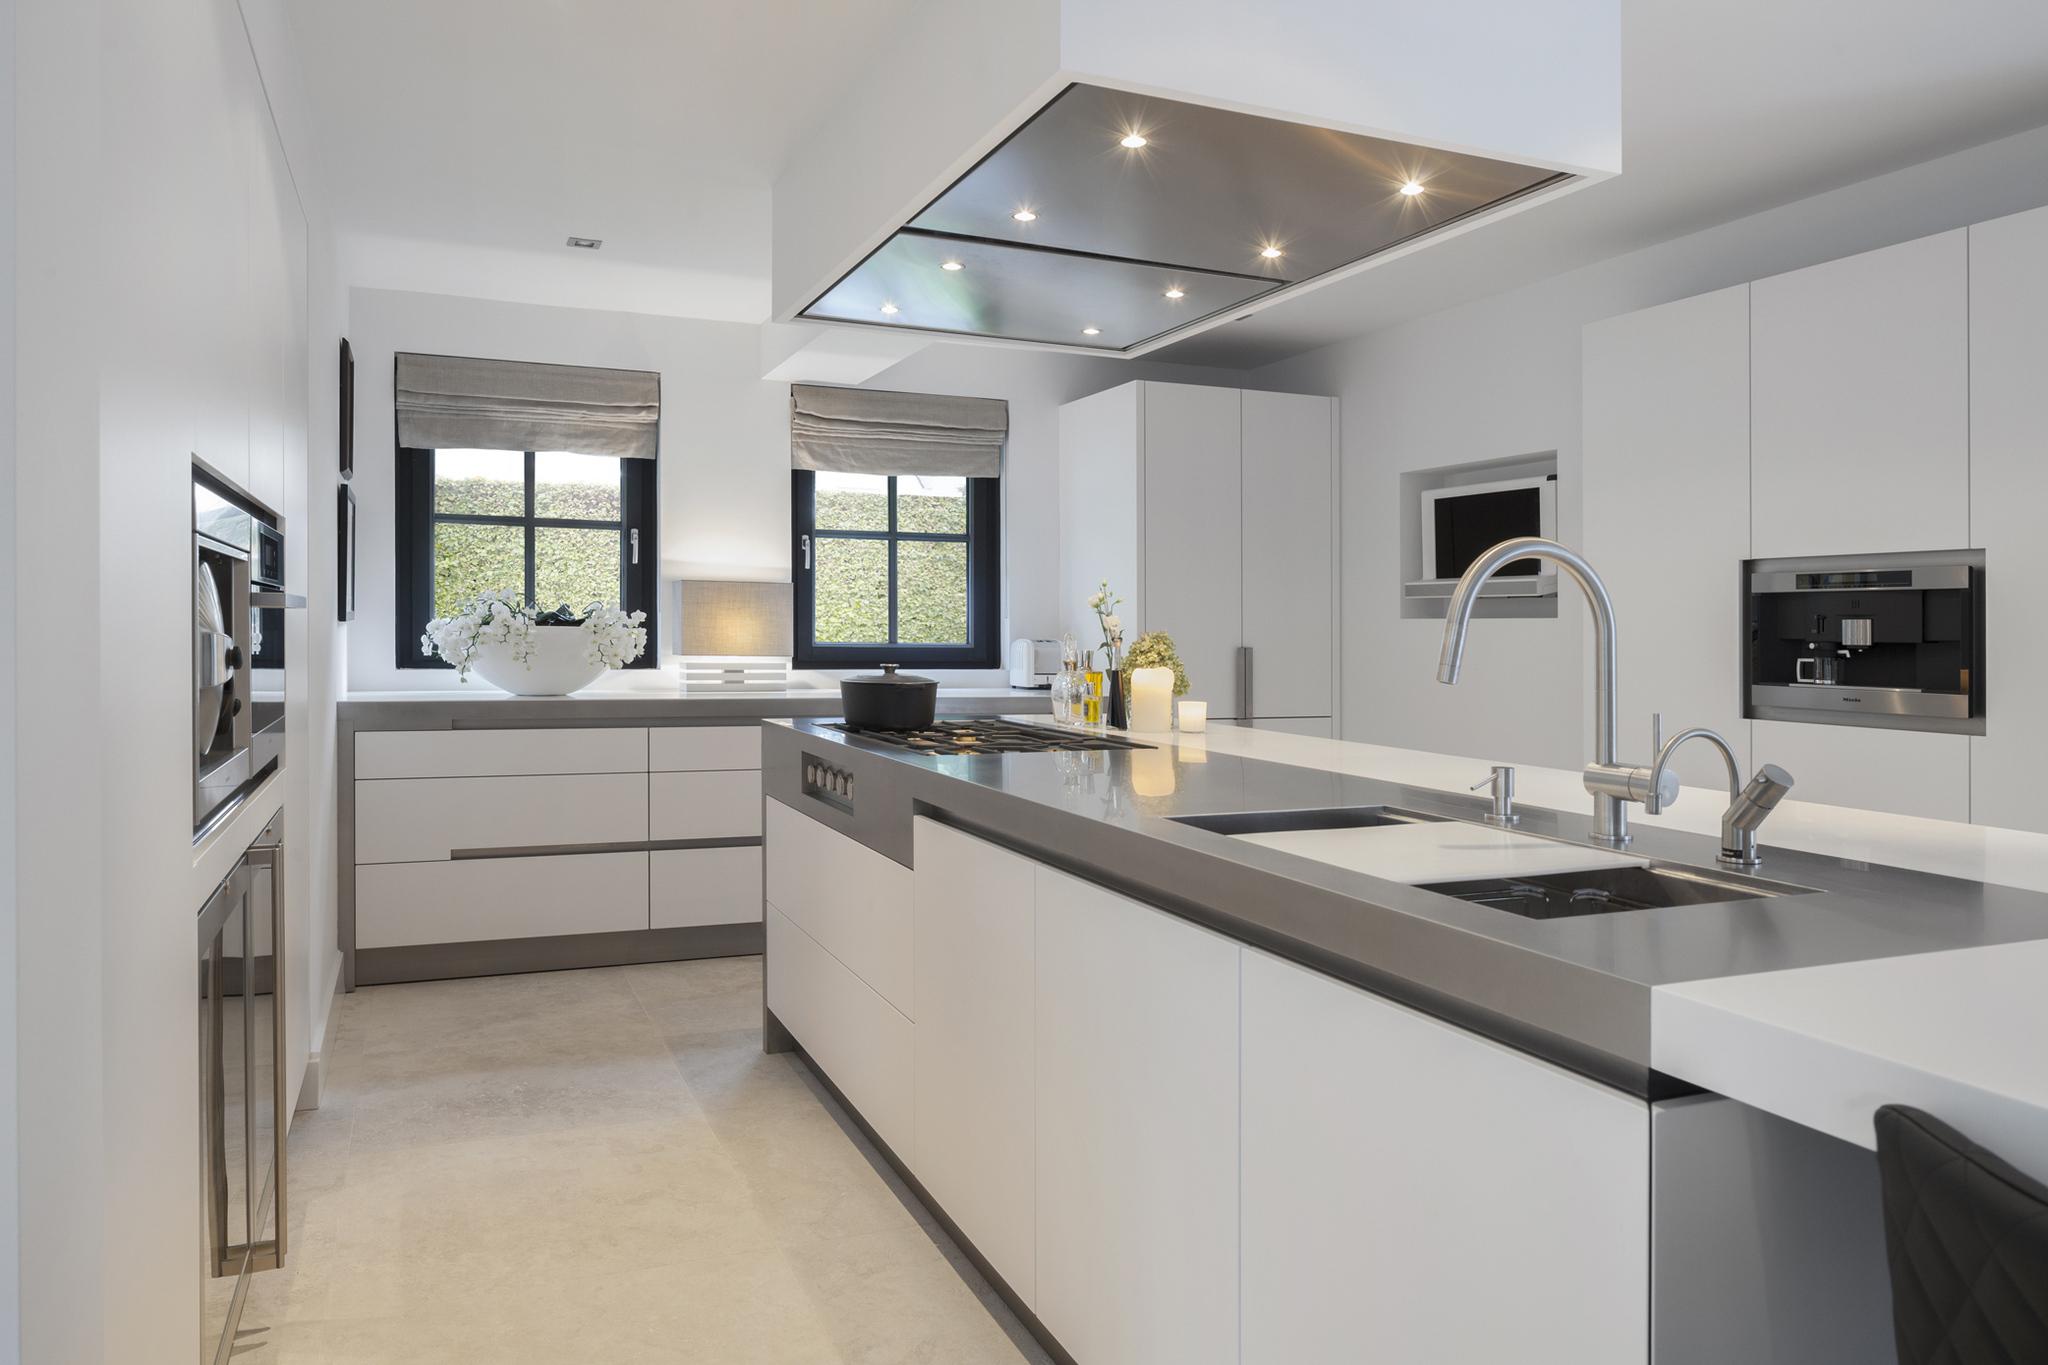 Keuken Decoratie Folie : Afwerking Witte Keuken: Betonlook in de keuken en andere nieuwe trends